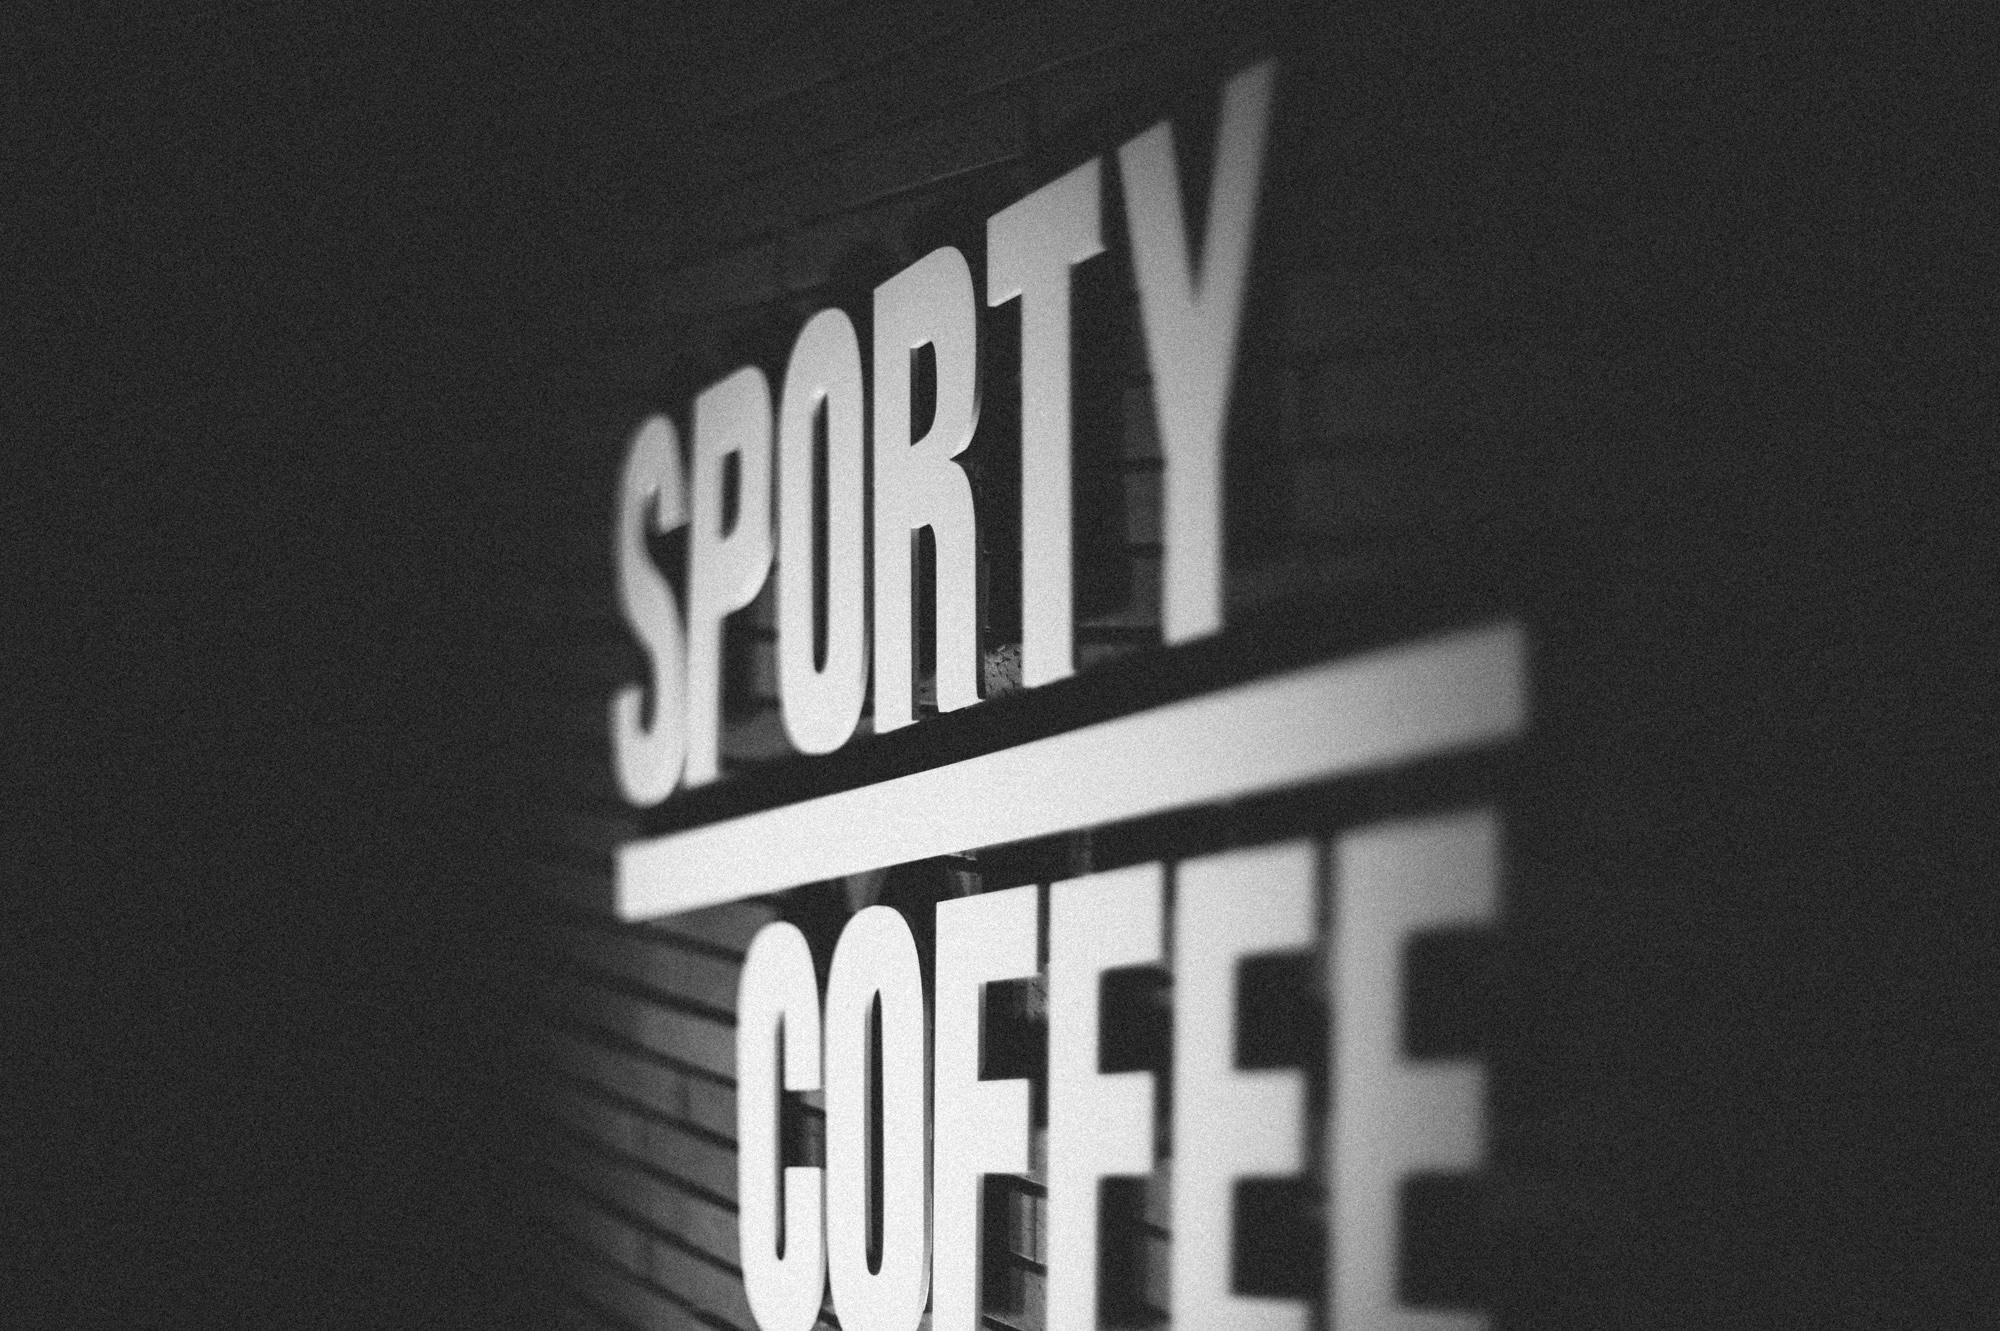 AKTR Sports18